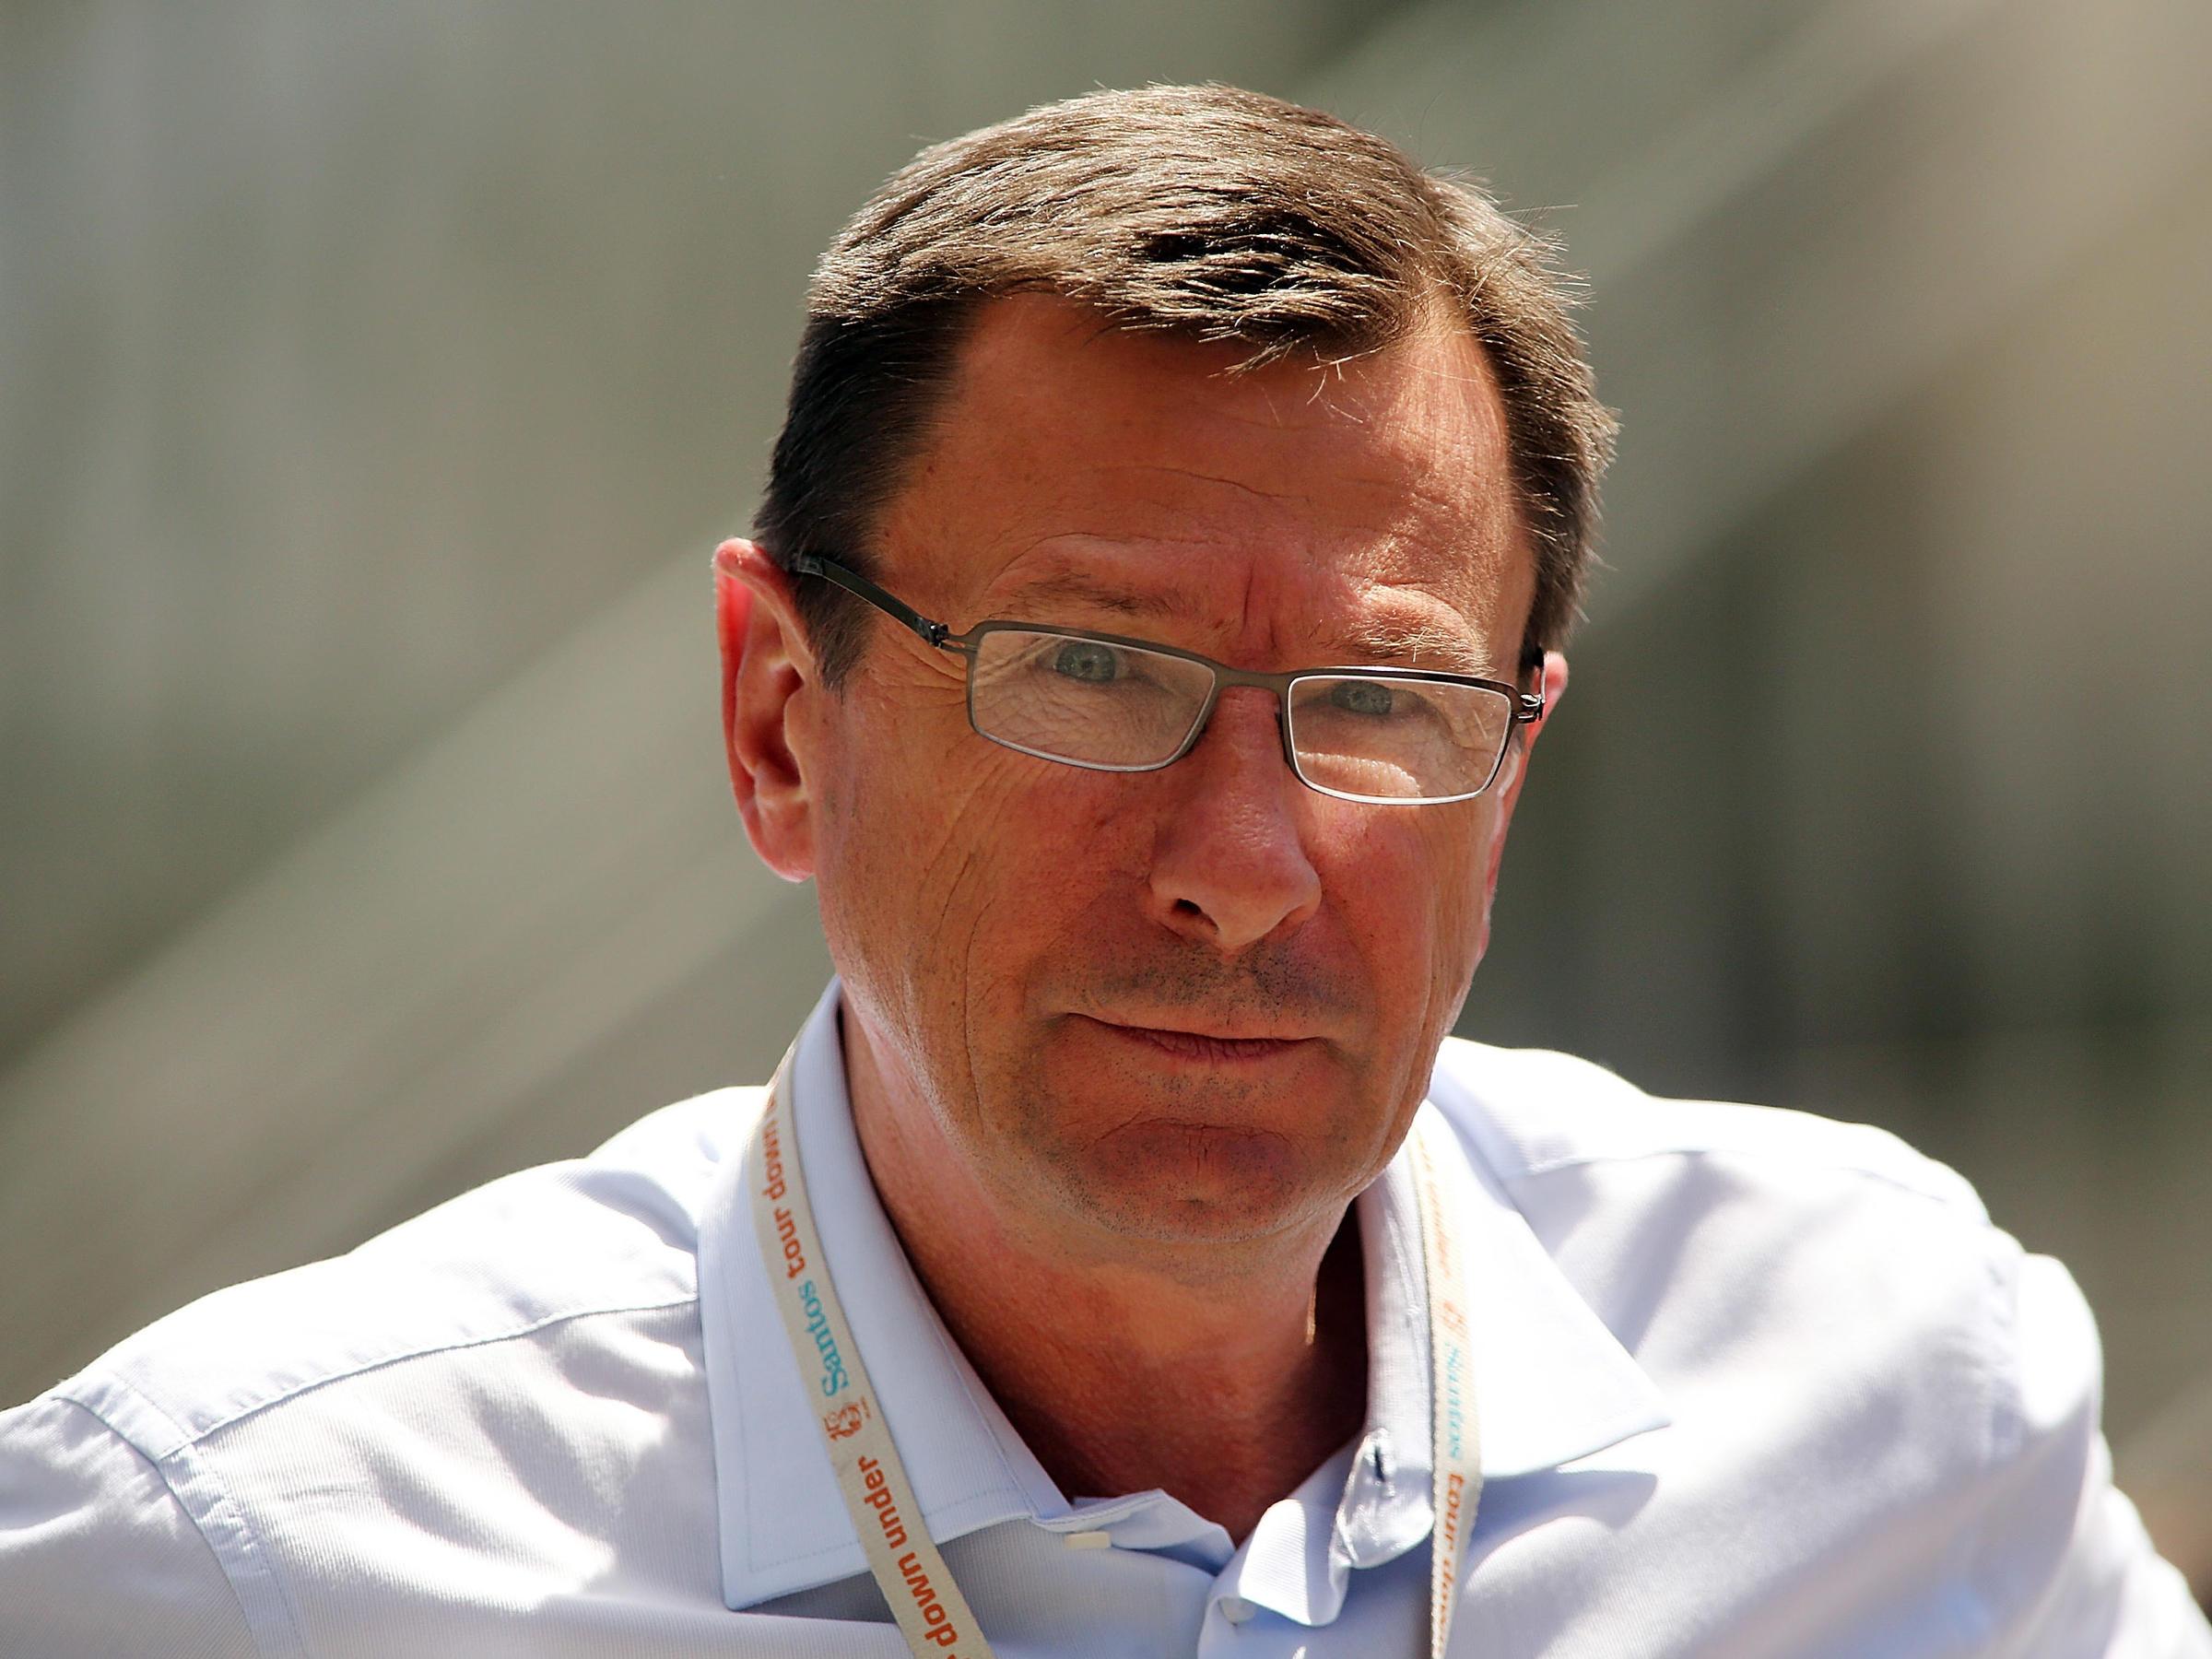 Former British champion Sherwen dies aged 62